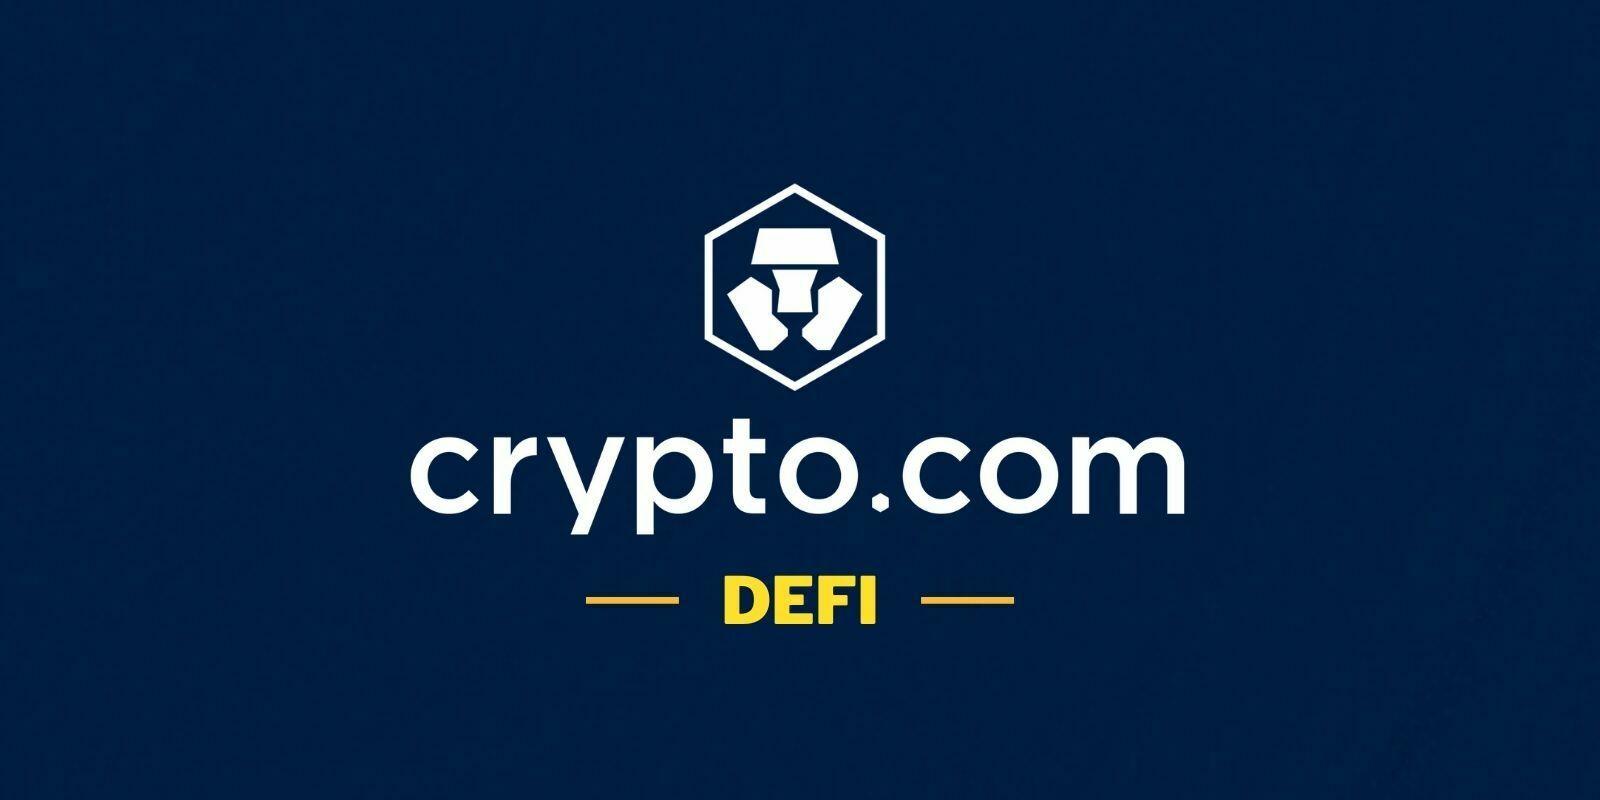 Crypto.com (CRO) lance DeFi Swap, son protocole d'échange de tokens